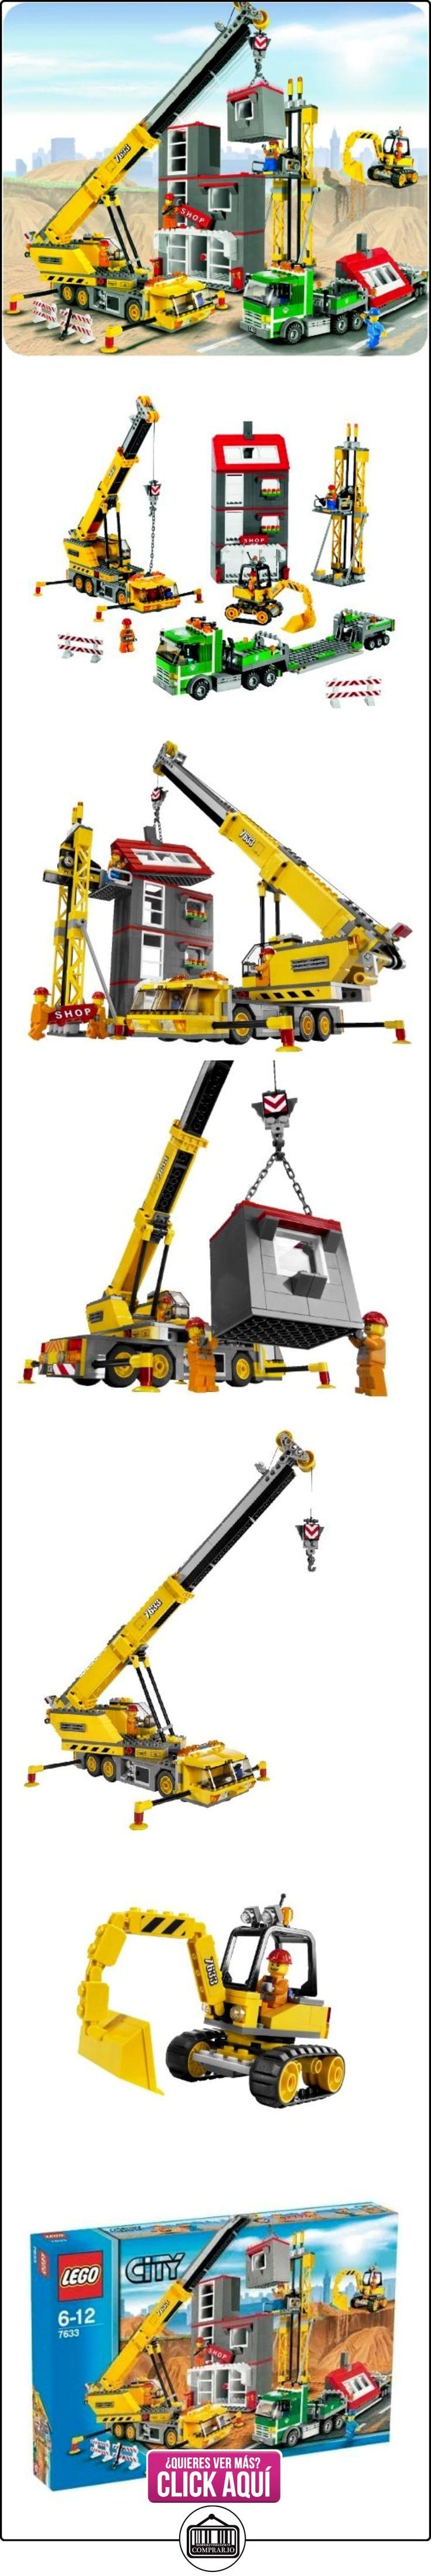 LEGO CITY 7633 Lugar de obras  ✿ Lego - el surtido más amplio ✿ ▬► Ver oferta: https://comprar.io/goto/B001CQSZNA